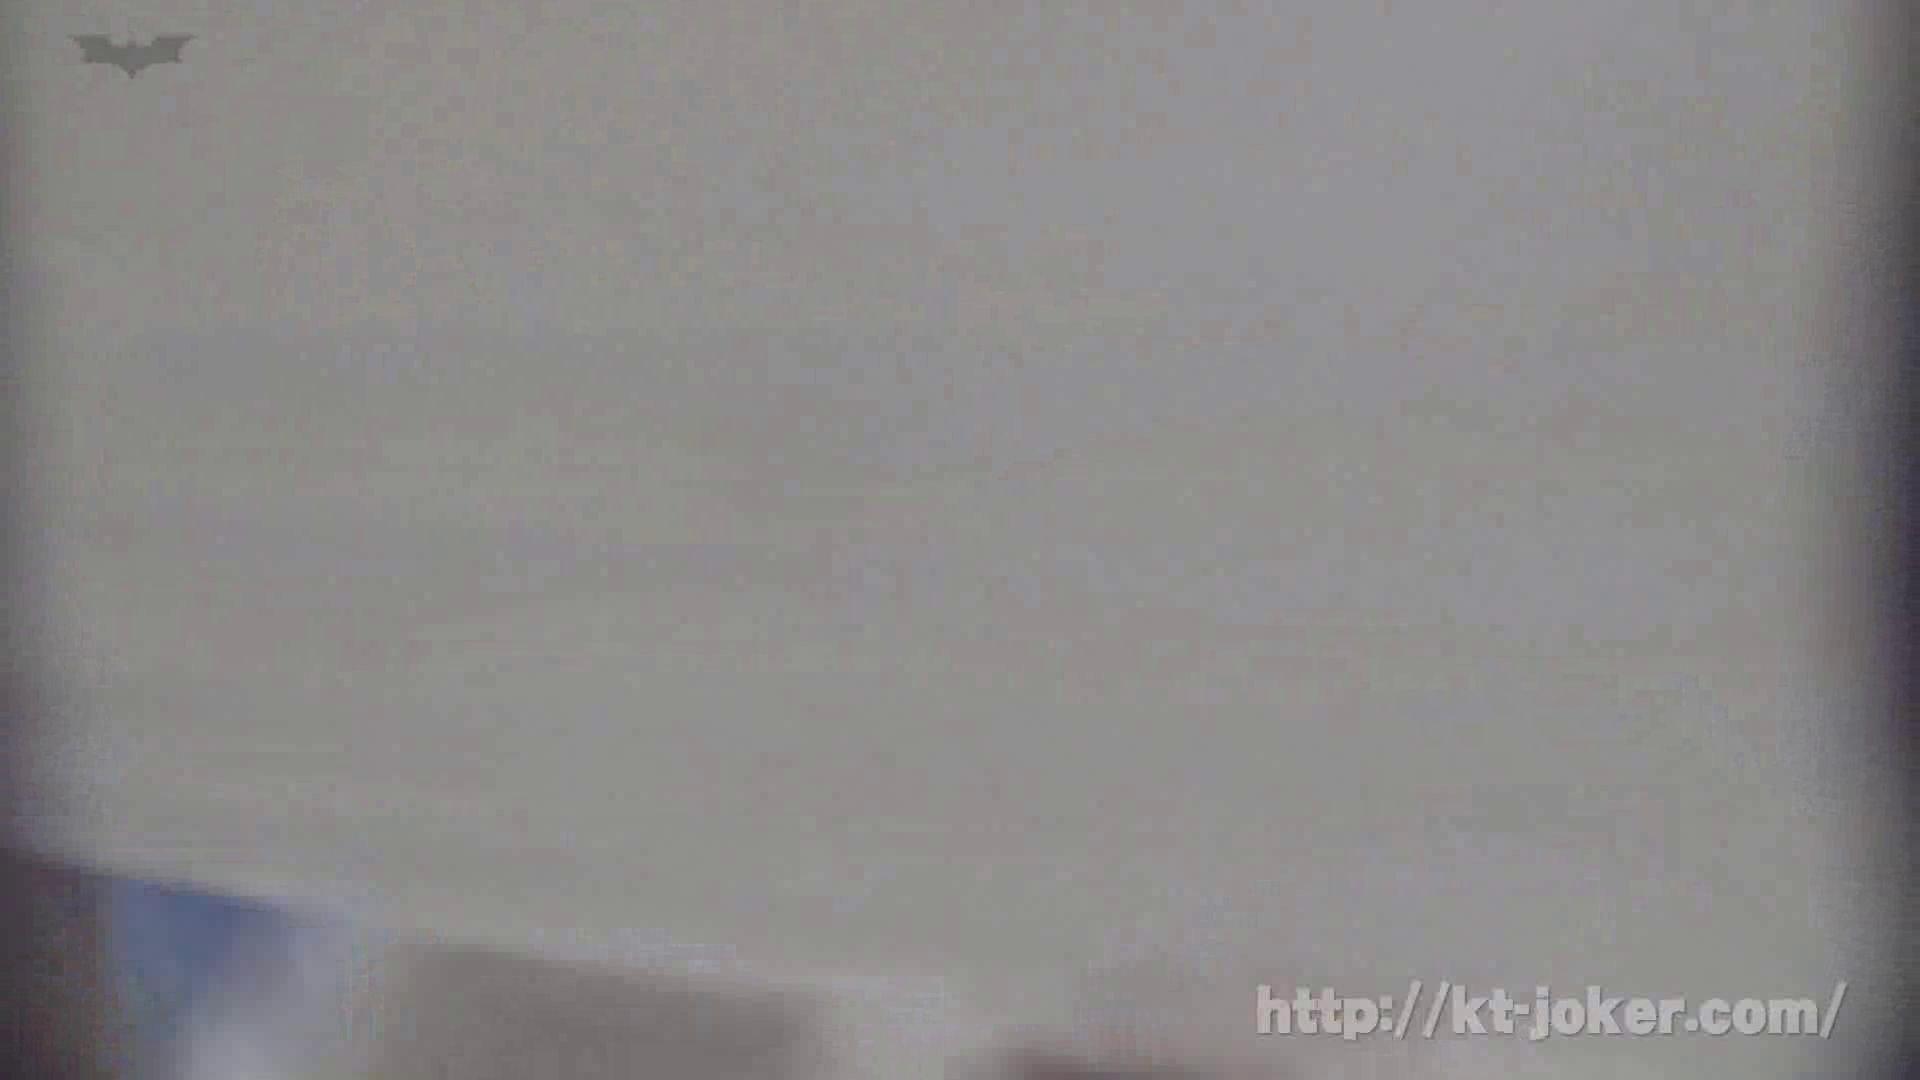 命がけ潜伏洗面所! vol.70 シリーズ一番エロい尻登場 OL  101連発 2